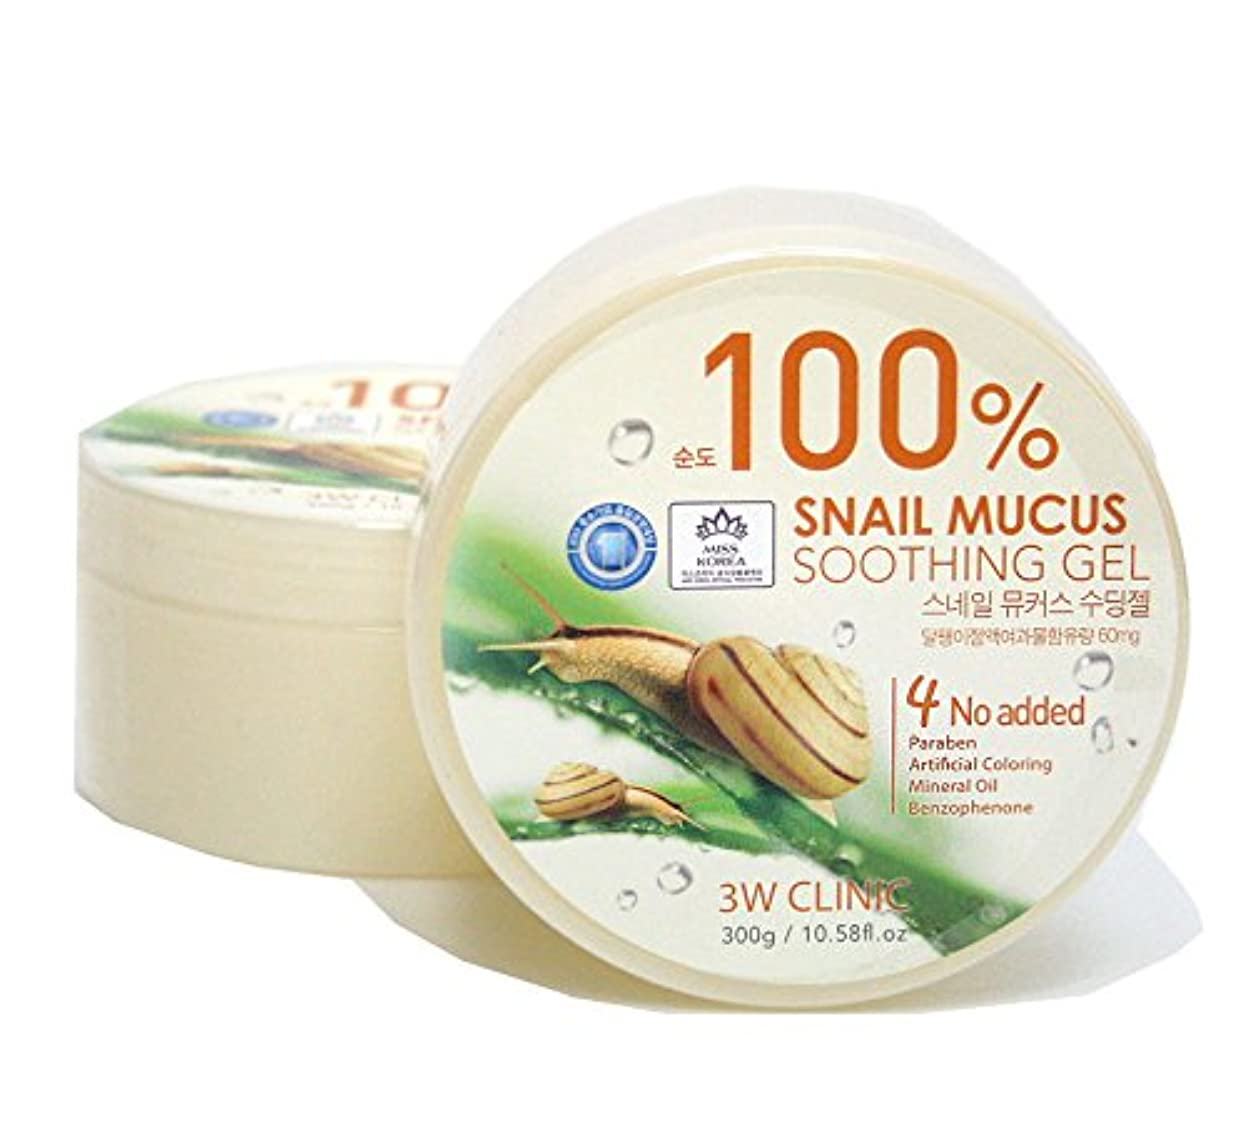 マダム衝動サミュエル[3W CLINIC] カタツムリ粘液スージングジェル300g / Snail Mucus Soothing Gel 300g / 水分/オールスキンタイプ / Moisture / fresh and smooth /...